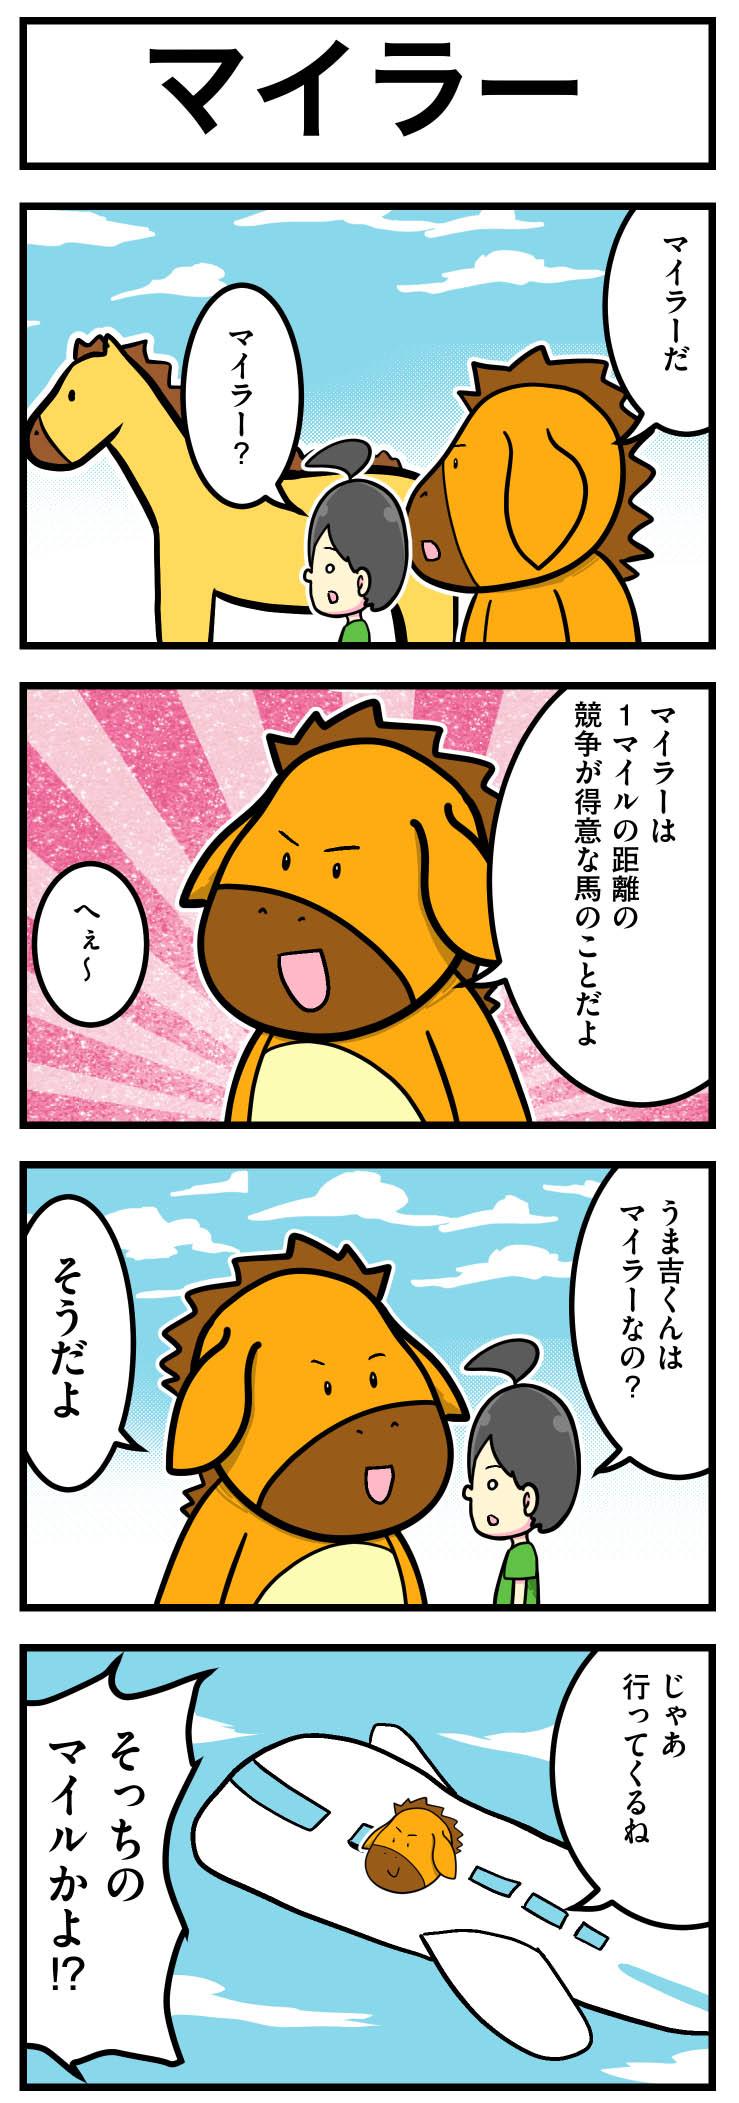 マイラー【うま吉の鉄板穴馬マンガ】